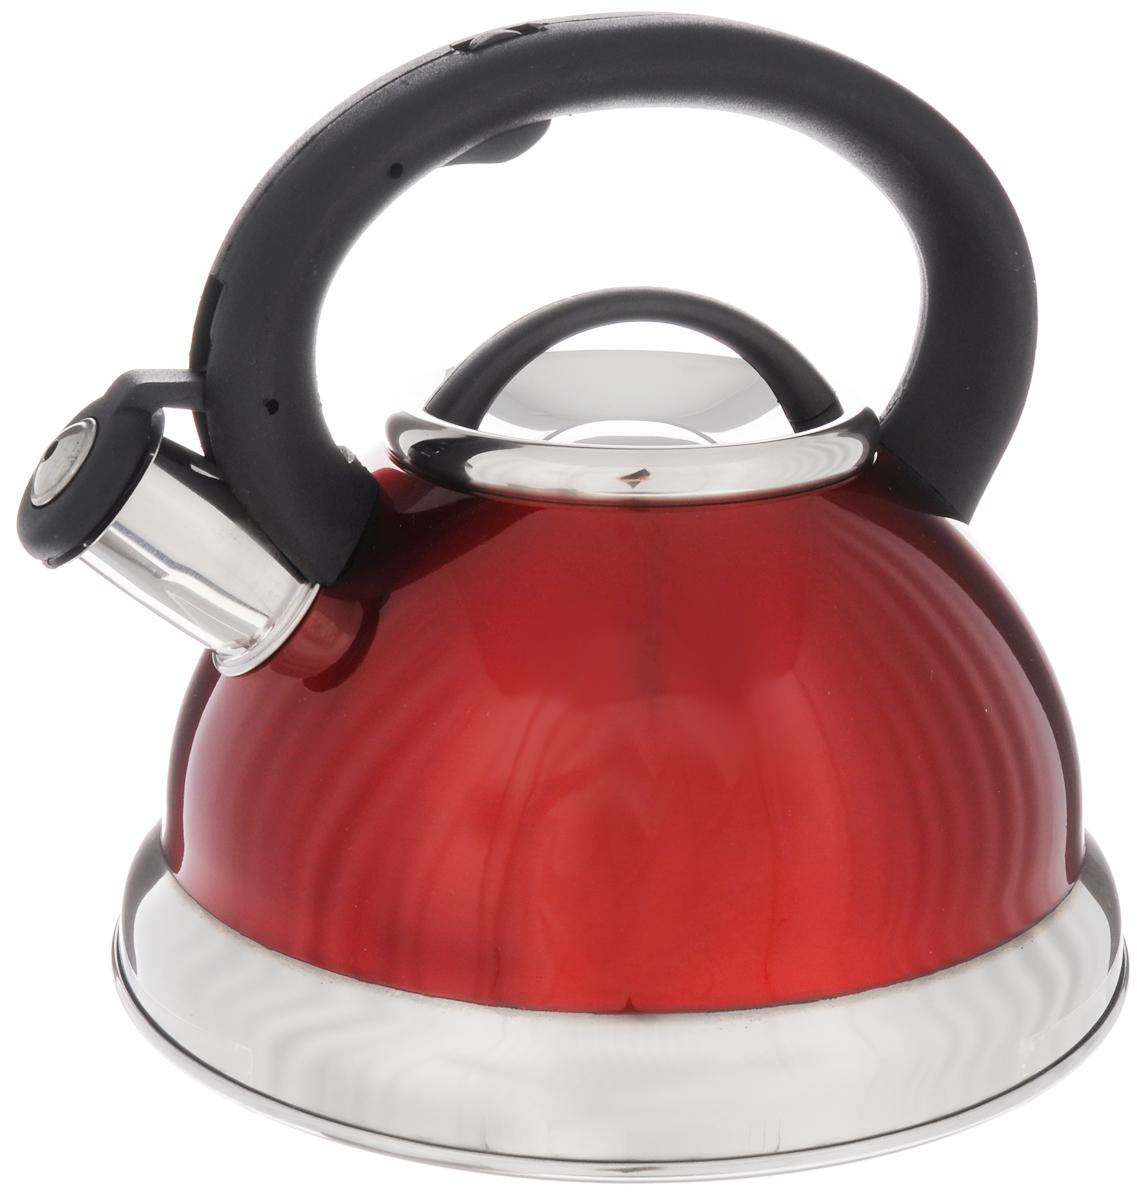 Чайник Mayer & Boch, со свистком, цвет: красный, 2,8 л22674_красныйЧайник Mayer & Boch изготовлен из высококачественной нержавеющей стали. Гладкая и ровная поверхность существенно облегчает уход. Чайник оснащен удобной пластиковой ручкой, которая не нагревается даже при продолжительном периоде нагрева воды. Носик чайника имеет насадку-свисток, что позволит вам контролировать процесс подогрева или кипячения воды. Выполненный из качественных материалов чайник Mayer & Boch при кипячении сохраняет все полезные свойства воды. Чайник пригоден для использования на всех типах плит, кроме индукционных. Можно мыть в посудомоечной машине. Диаметр чайника по верхнему краю: 10 см. Высота чайника (без учета ручки и крышки): 12,5 см.